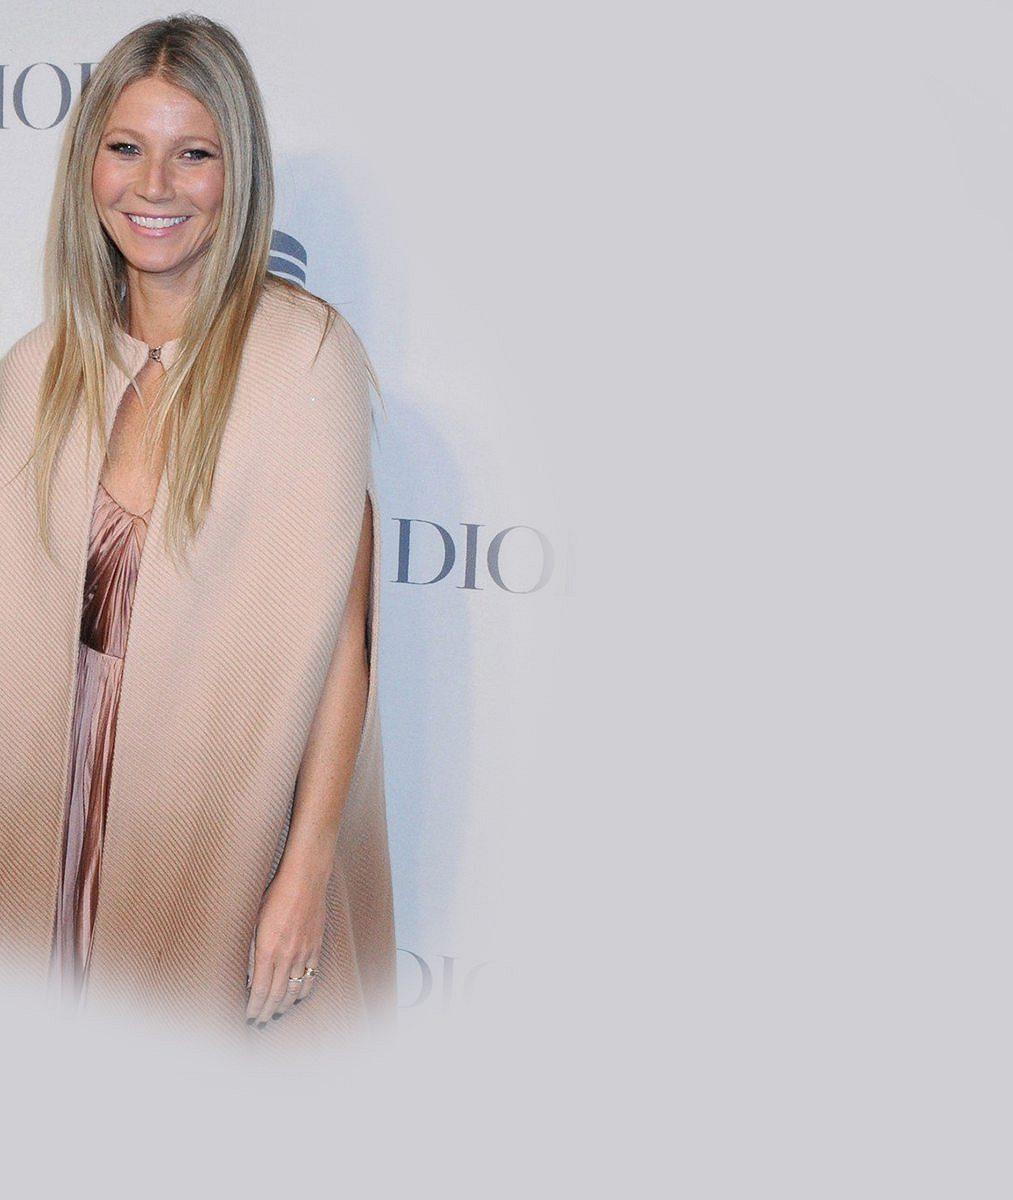 Za tuhle fotku to Gwyneth Paltrow schytala od své dcery! Ta si na ni veřejně stěžovala